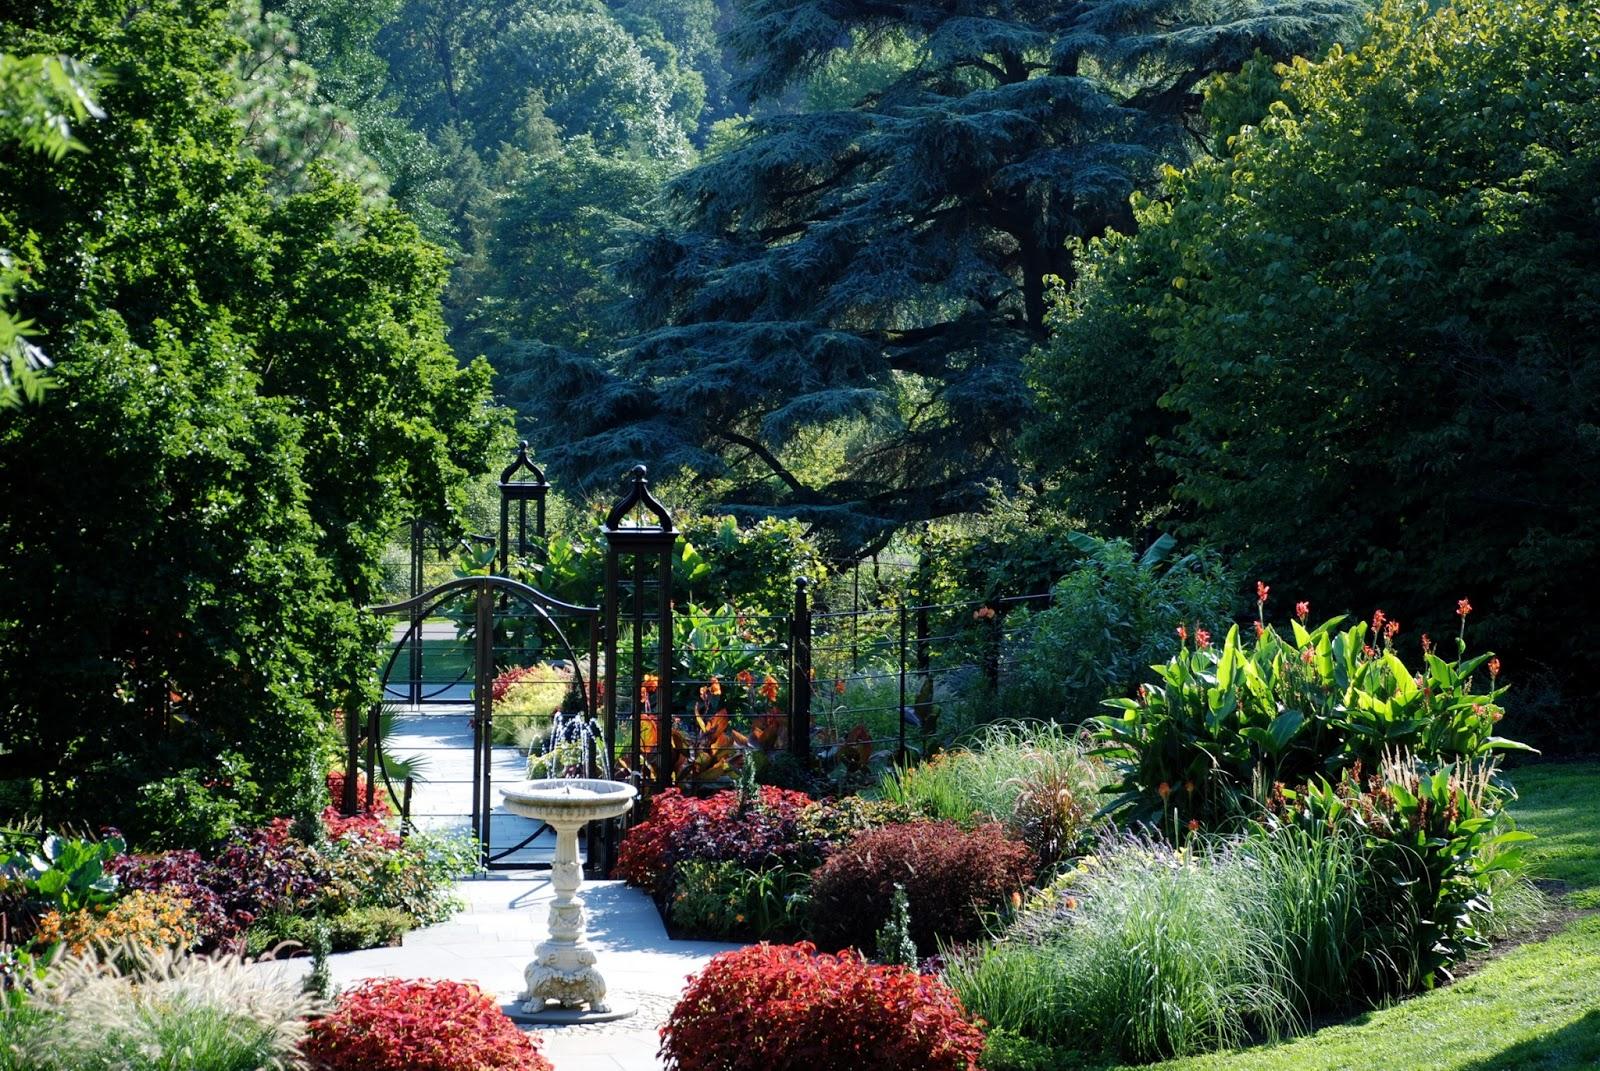 Arte y jardiner a trucos de jardiner a for Trucos jardineria